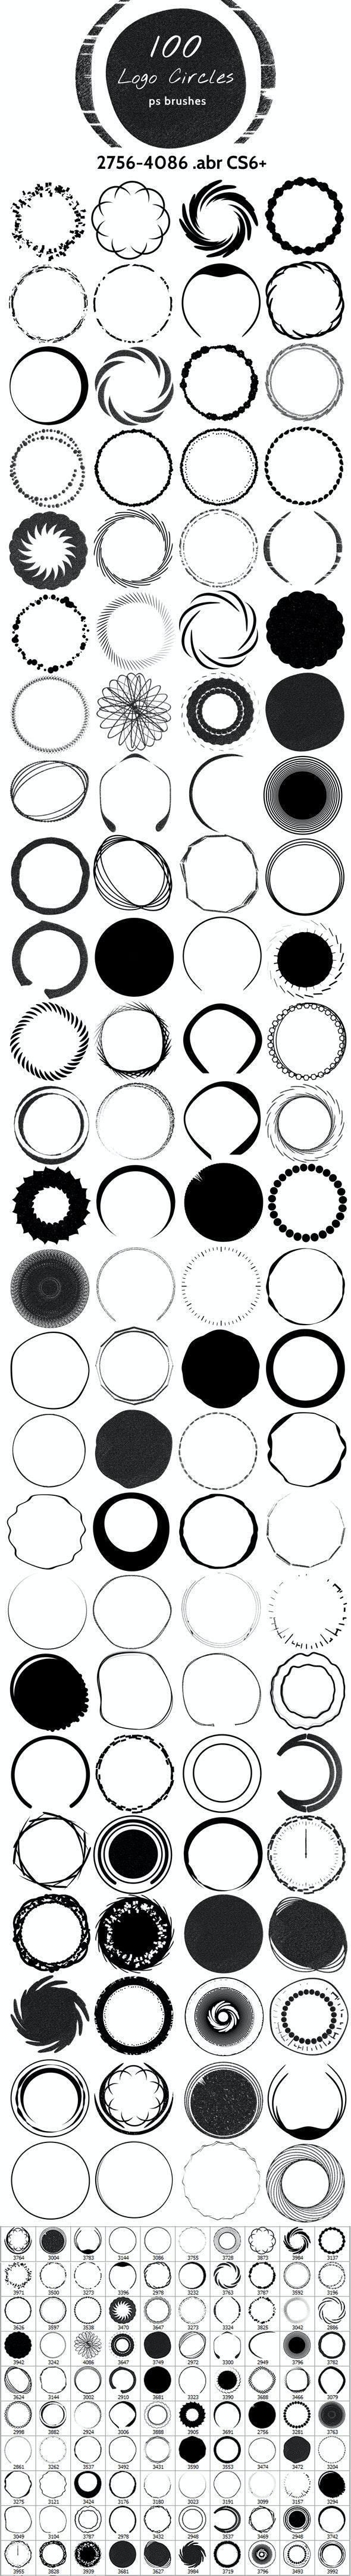 Logo Circles Brushes - Artistic Brushes